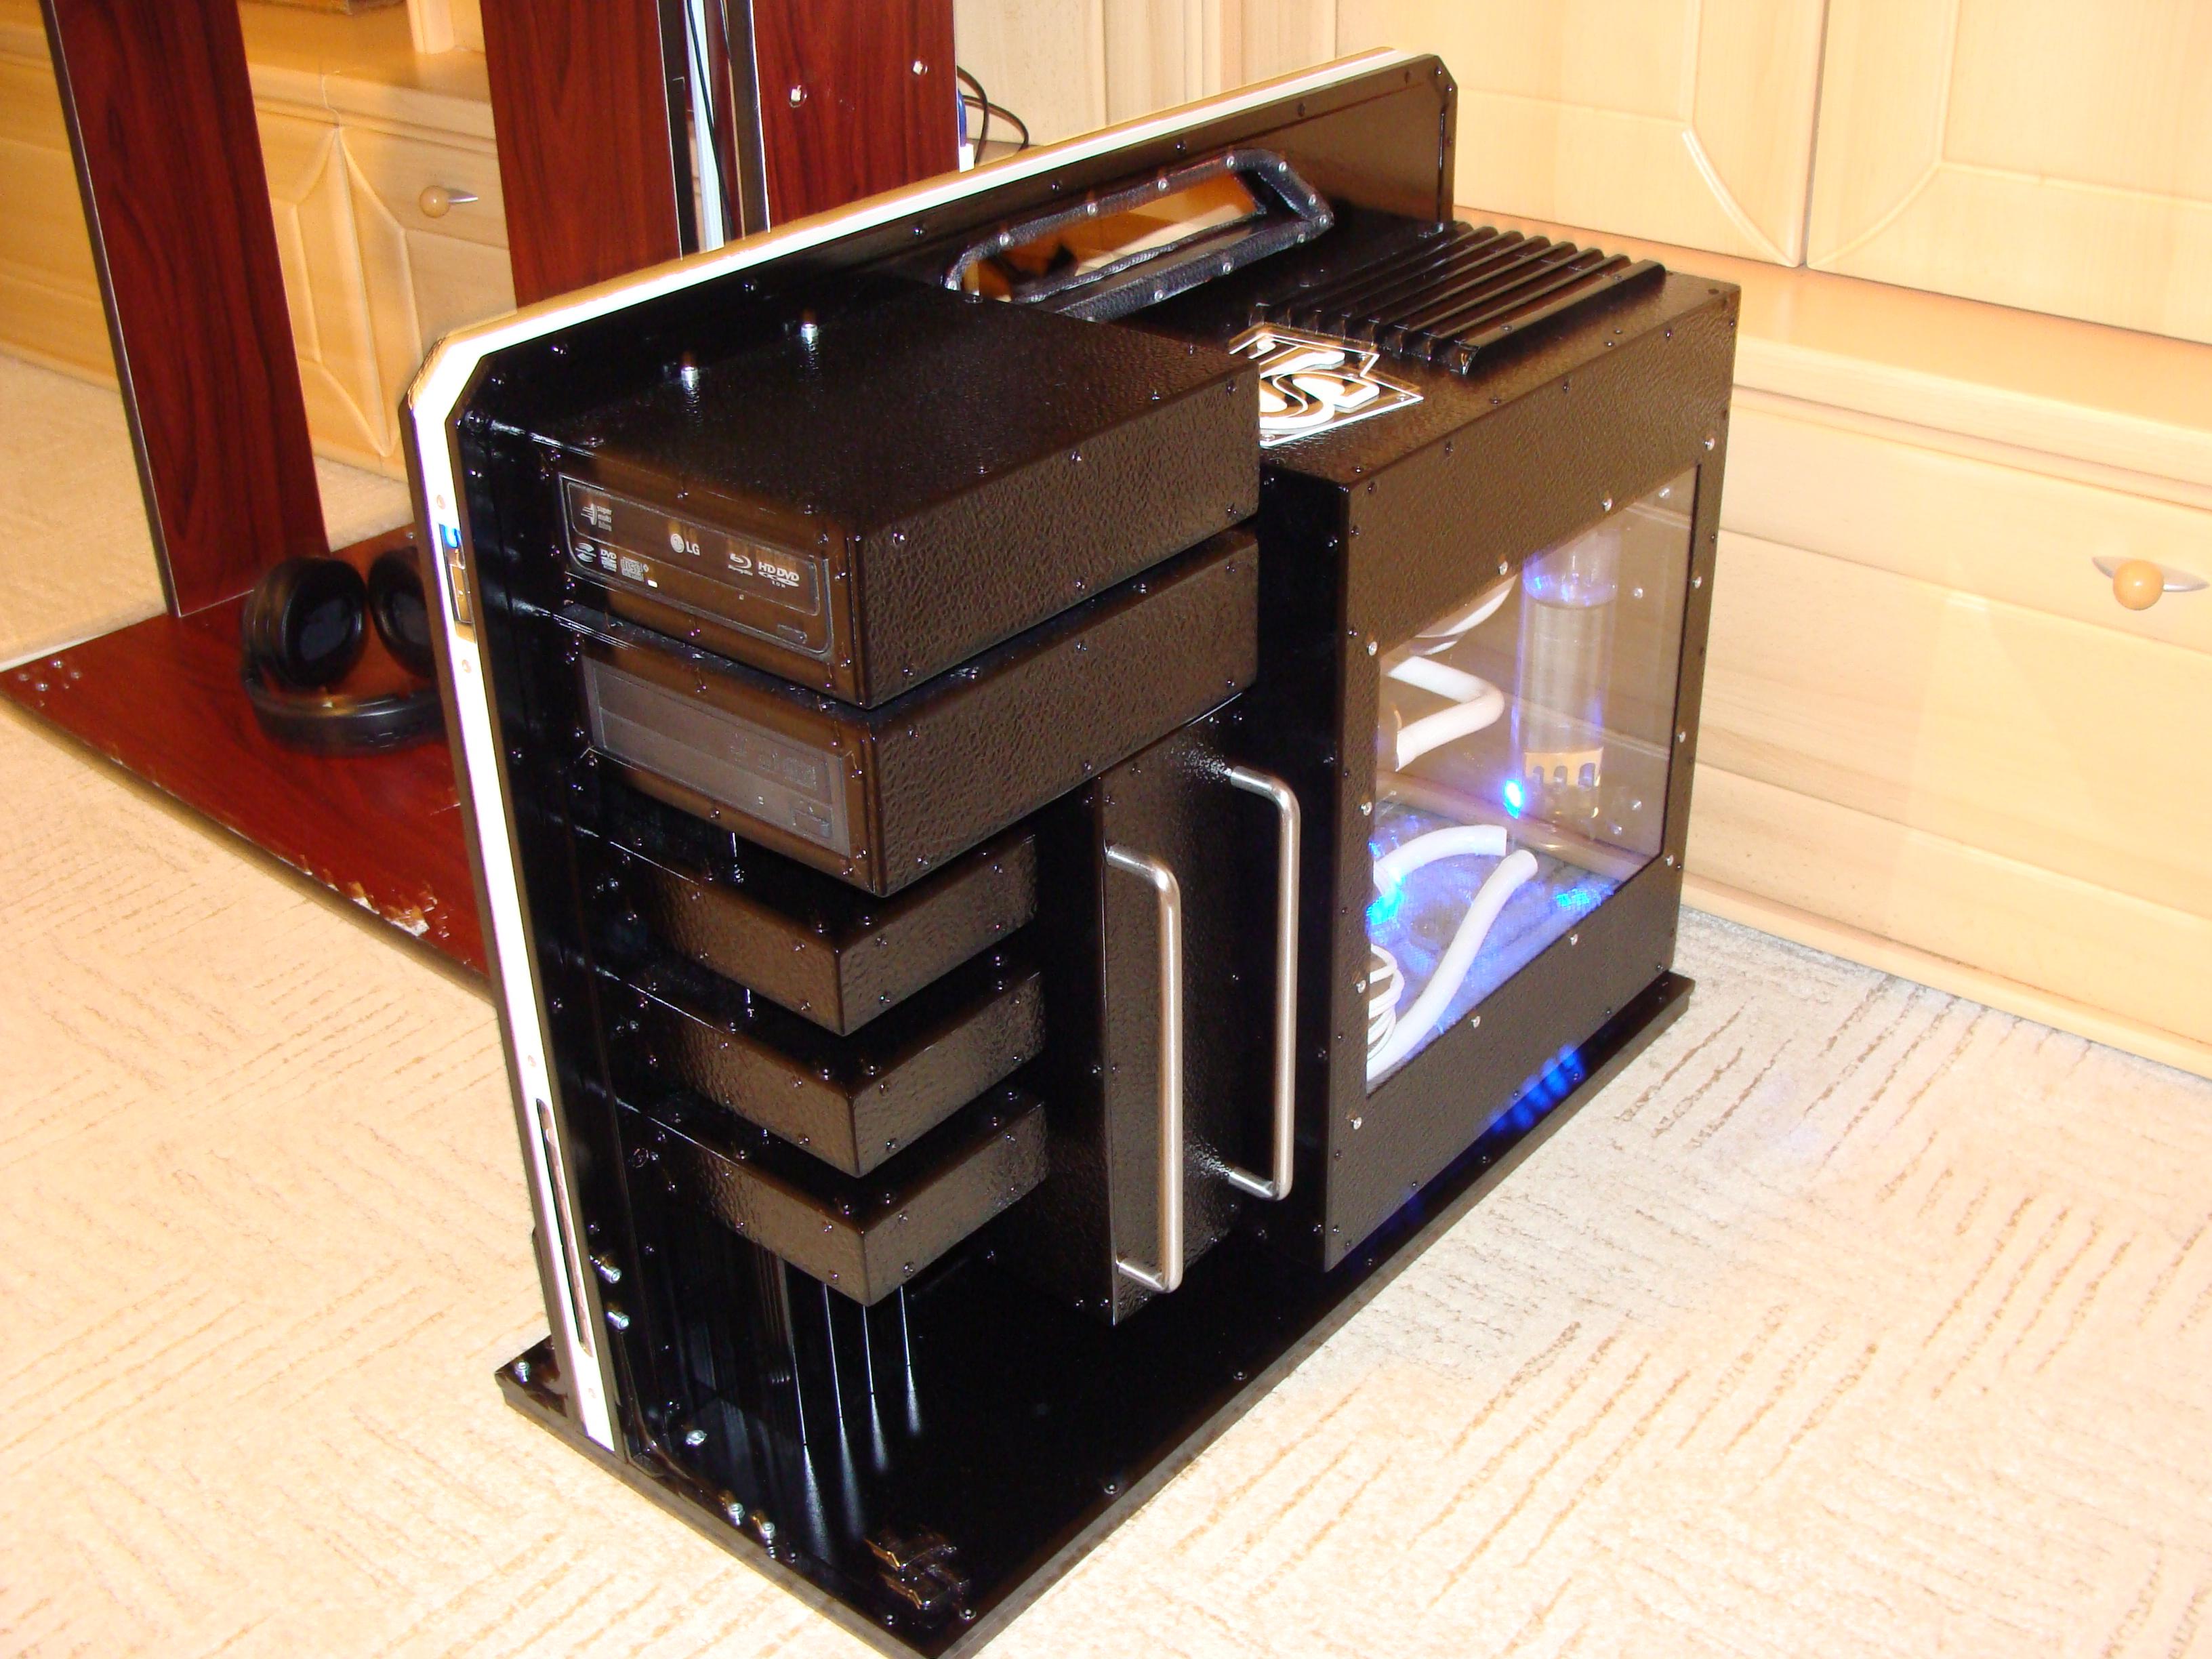 vesa geh use gesucht computer hardware. Black Bedroom Furniture Sets. Home Design Ideas